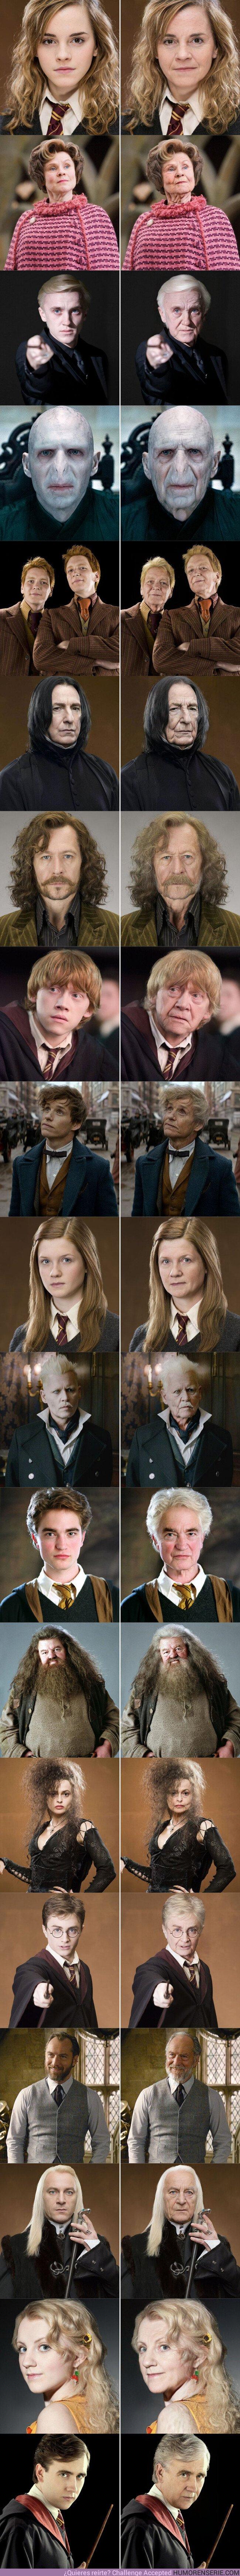 40275 - GALERÍA: Así están los personajes de la saga Harry Potter después de ser pasados por el filtro que envejece